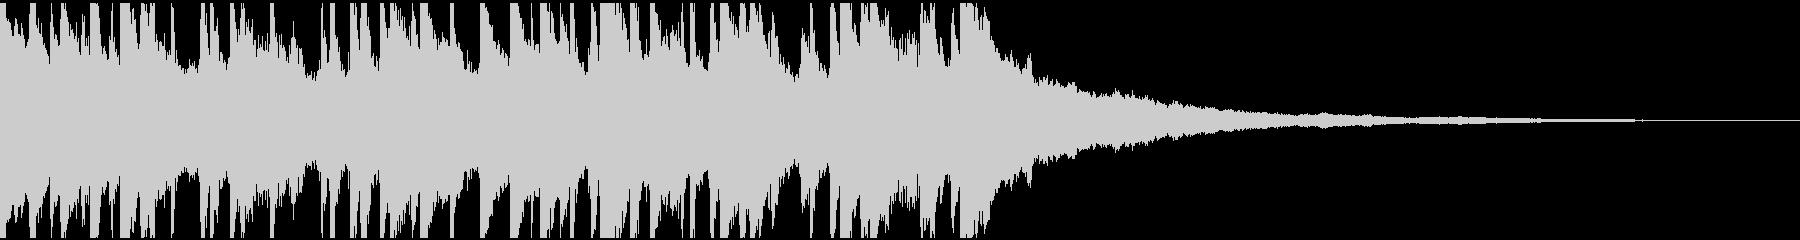 ウクレレ、リコーダーの楽しい楽曲30秒Bの未再生の波形